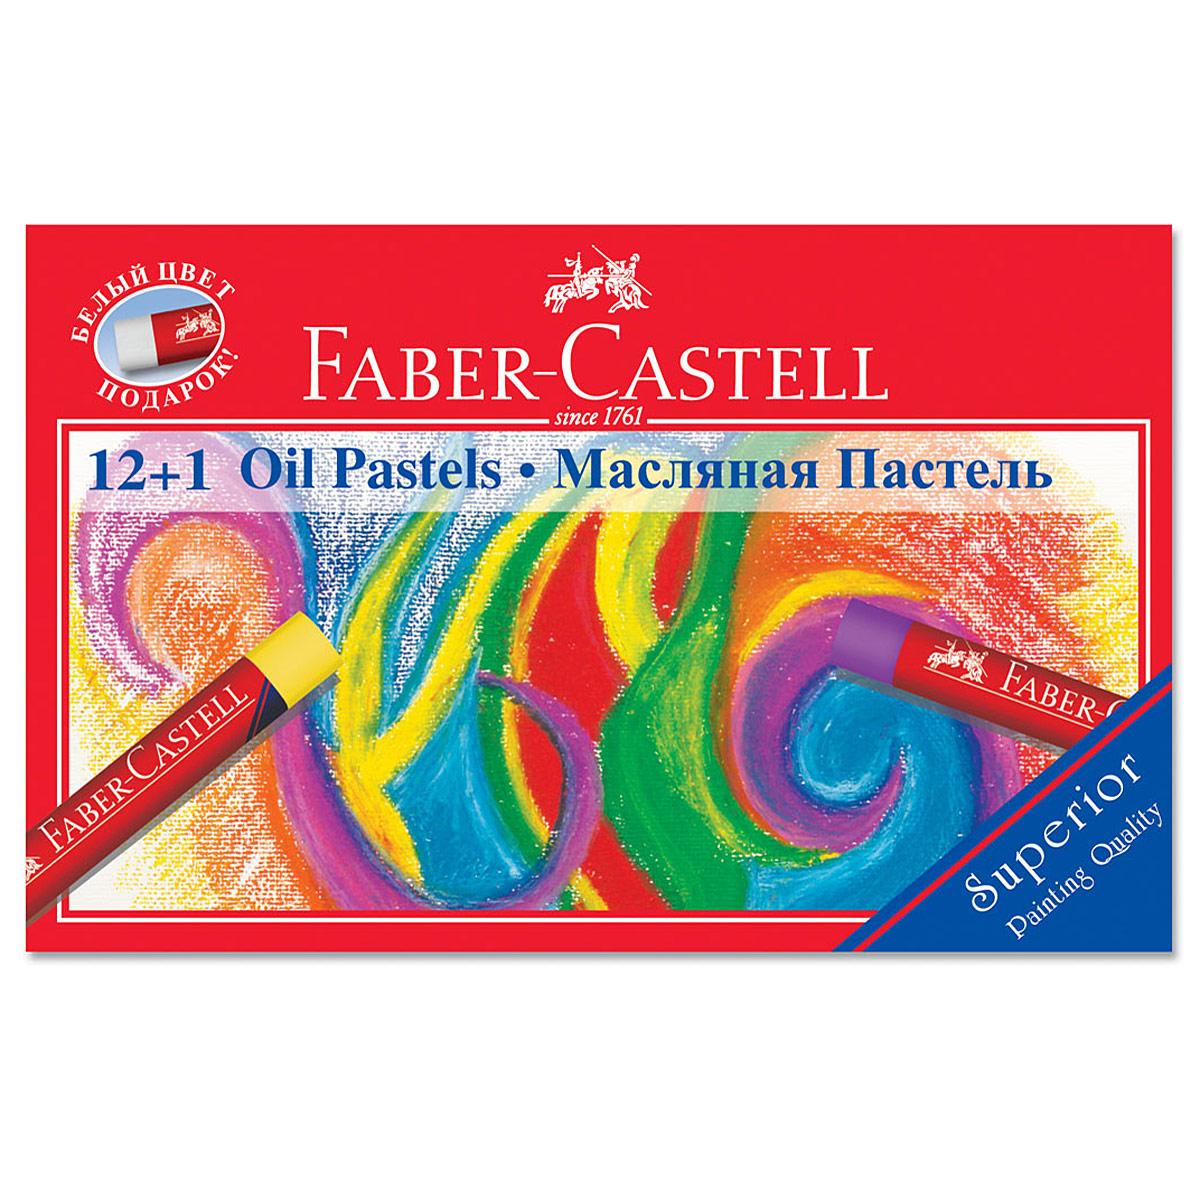 Масляная пастель Faber-Castell, 13 цветов125213Масляная пастель Faber-Castell включает в себя 13 мелков насыщенных цветов - белого, телесного, желтого, оранжевого, красного, темно-красного, розового, фиолетового, синего, зеленого, темно-зеленого, коричневого и черного.Пастель отличается высоким качеством и впечатляюще яркими цветами. Она обеспечит комфортное и мягкое рисования. Благодаря однородной консистенции пастель не крошится. Превосходно ложится на бумагу, картон, дерево и камень, устойчива к температуре. Цвета можно смешивать для получения новых оттенков.Масляная пастель Faber-Castell, безопасная для малыша, позволит вашему маленькому художнику раскрыть свой талант. Подарите своему ребенку радость творчества!